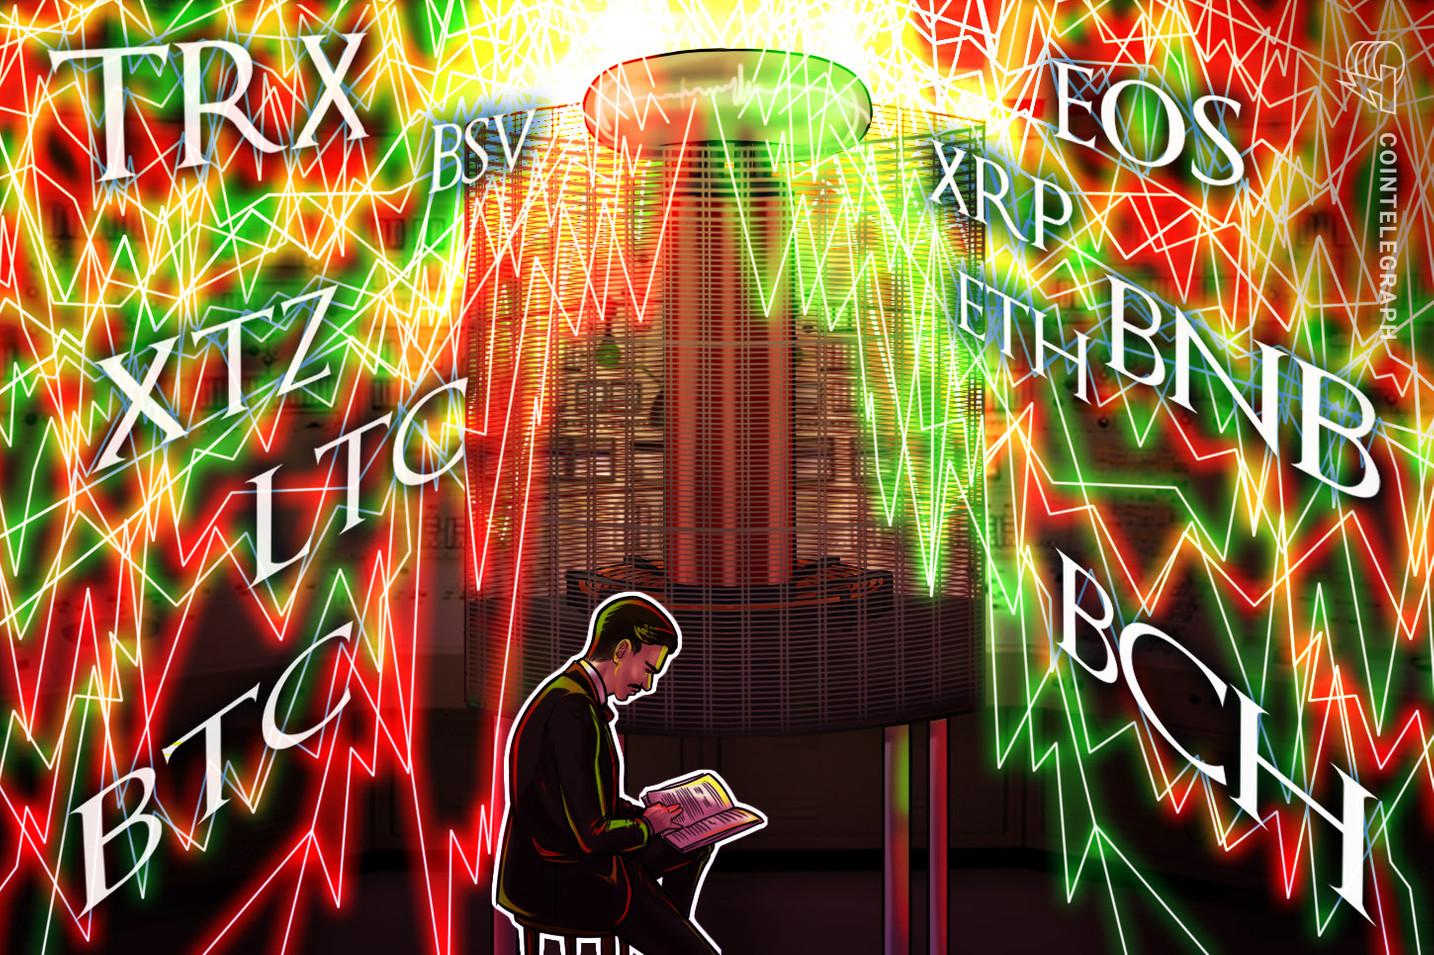 Análise de preços 25 de dezembro: BTC, ETH, XRP, BCH, LTC, EOS, BNB, BSV, XTZ, TRX